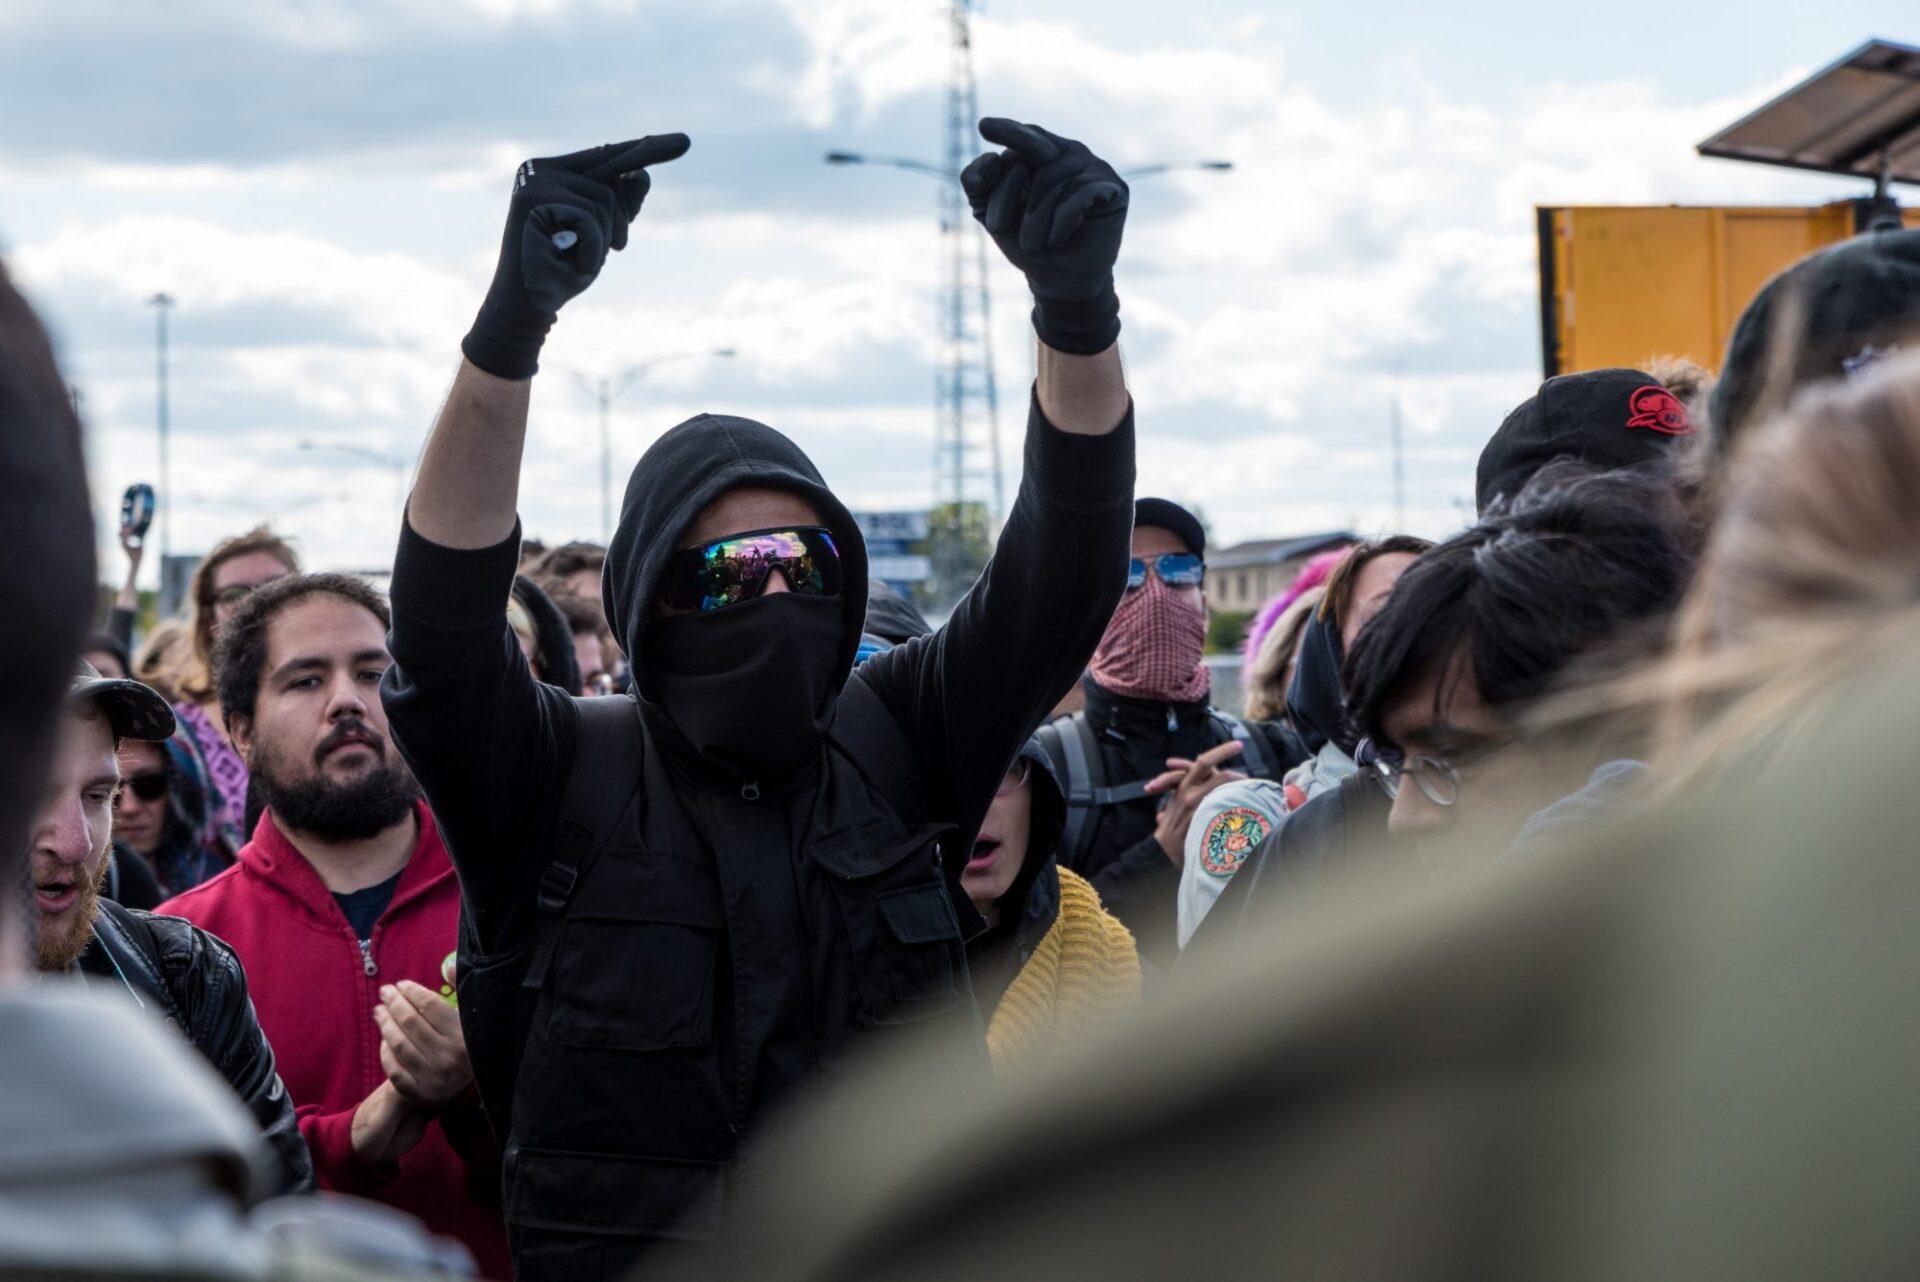 Les manifestants des deux côtés du cordon policier se sont échangés injures et slogans | Photo: Martin Ouellet-Diotte  Montréal Campus